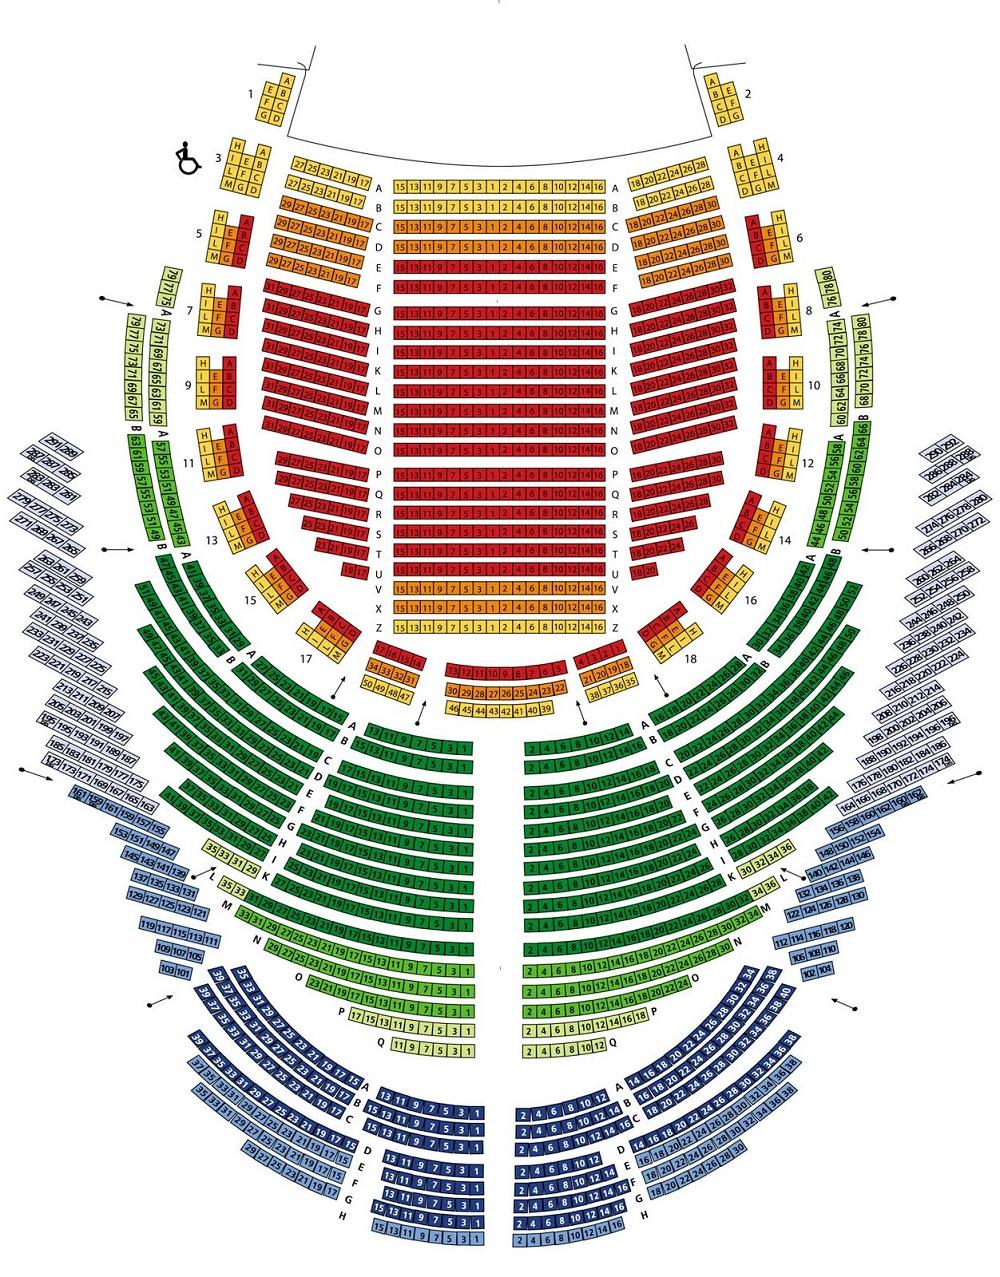 Схема зала Флорентийской оперы - Музыкальный май